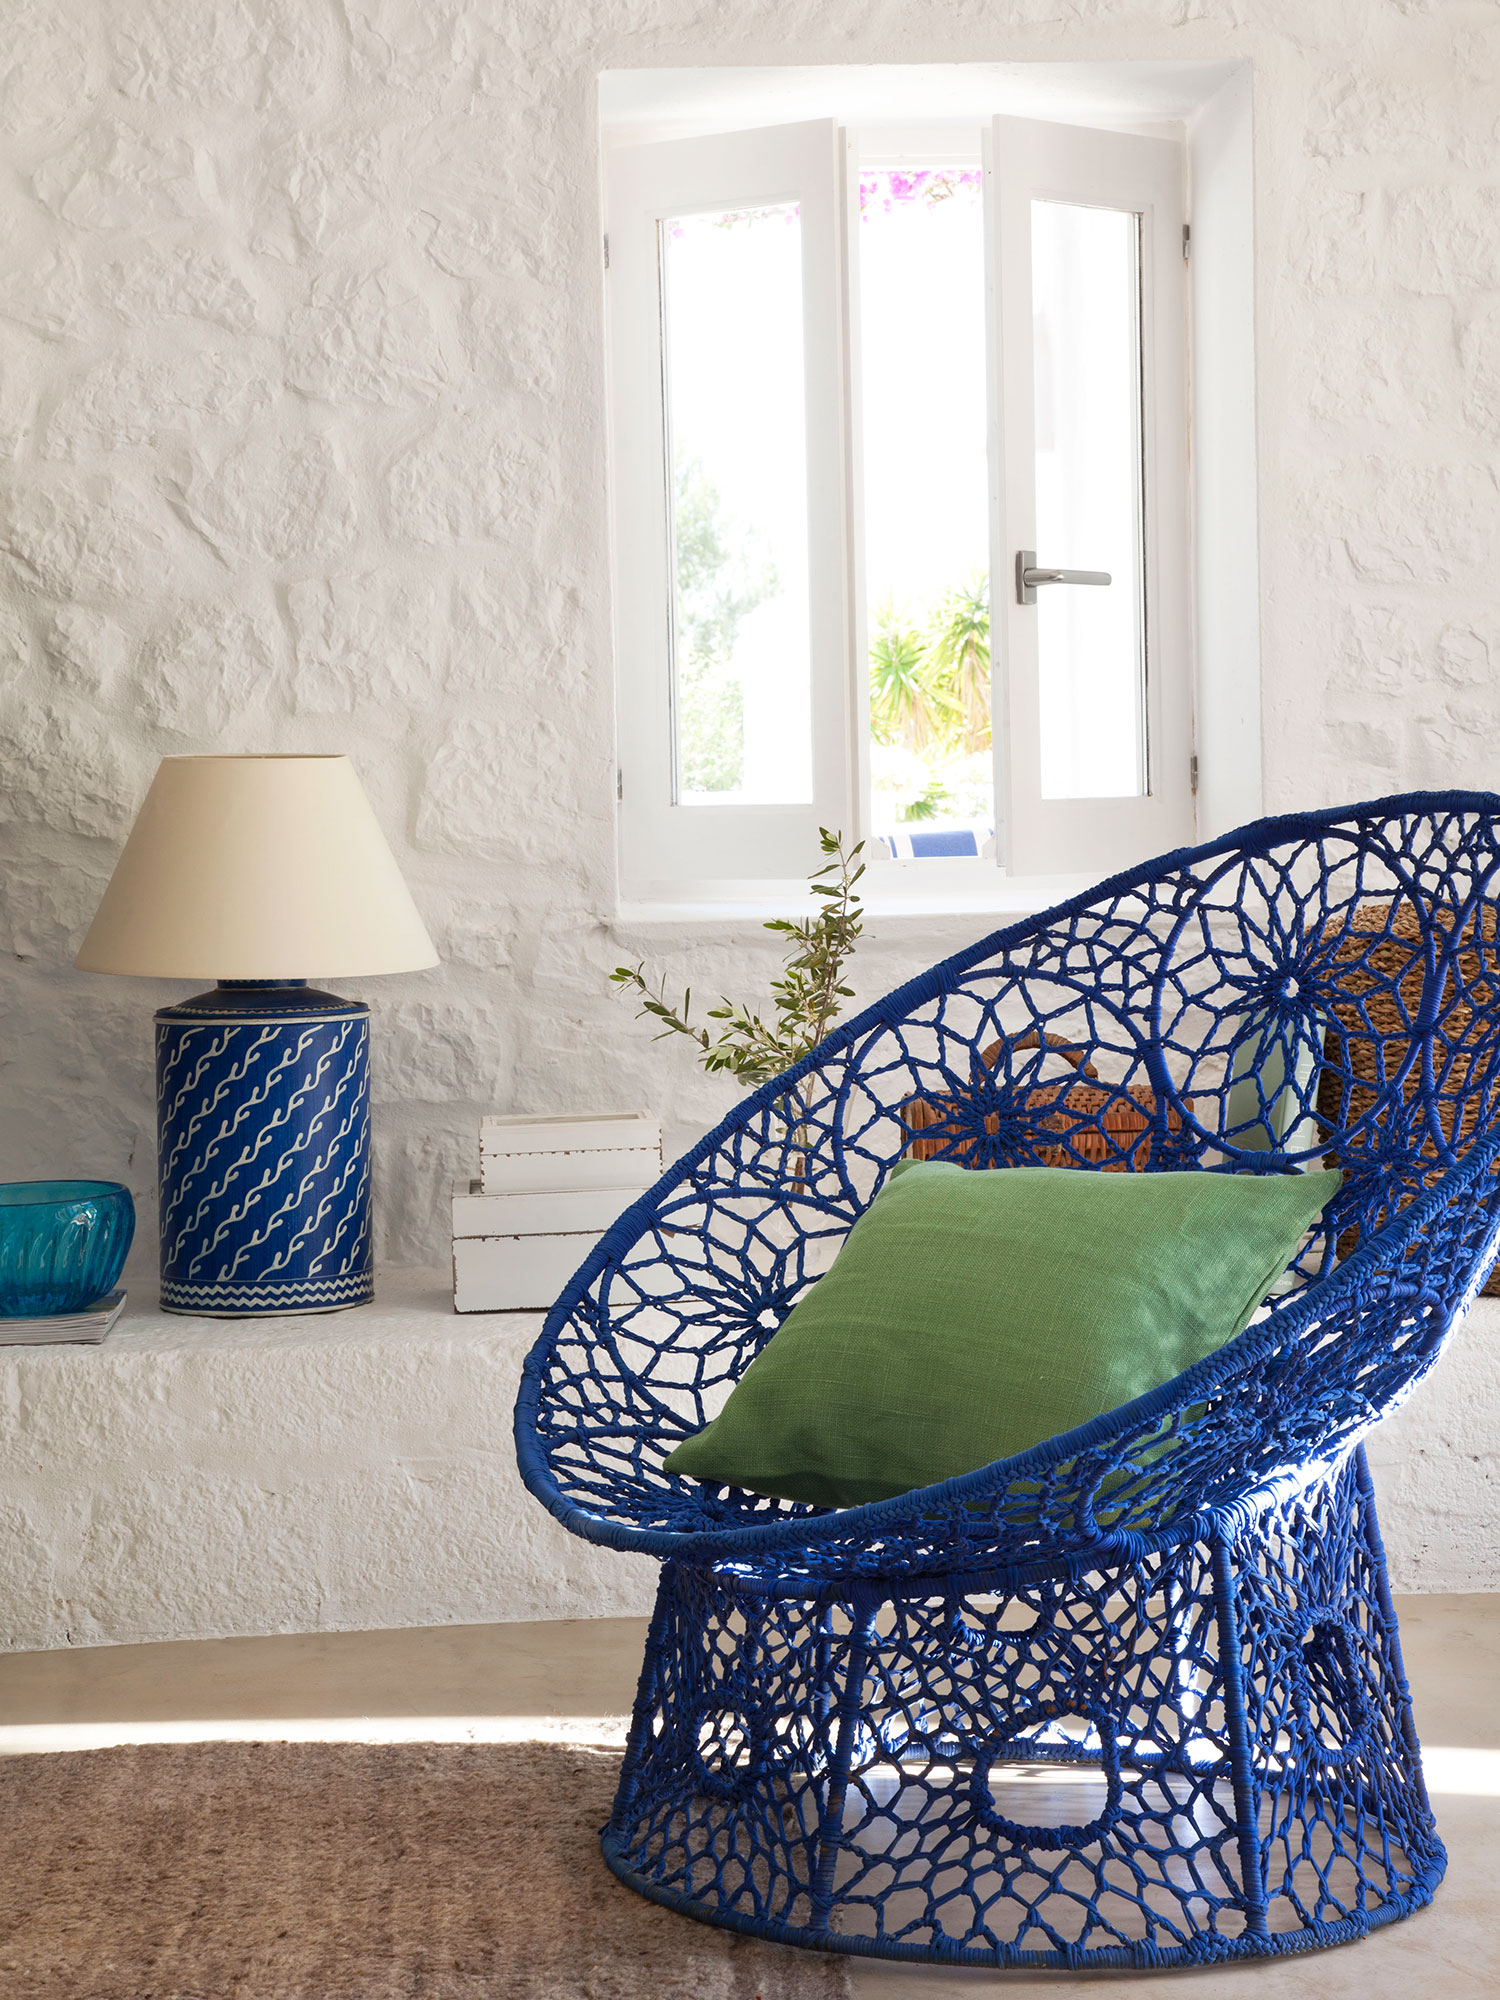 Semitoma de butaca azul en salón con paredes encaladas. Semitoma de butaca azul en salón con paredes encaladas_346886